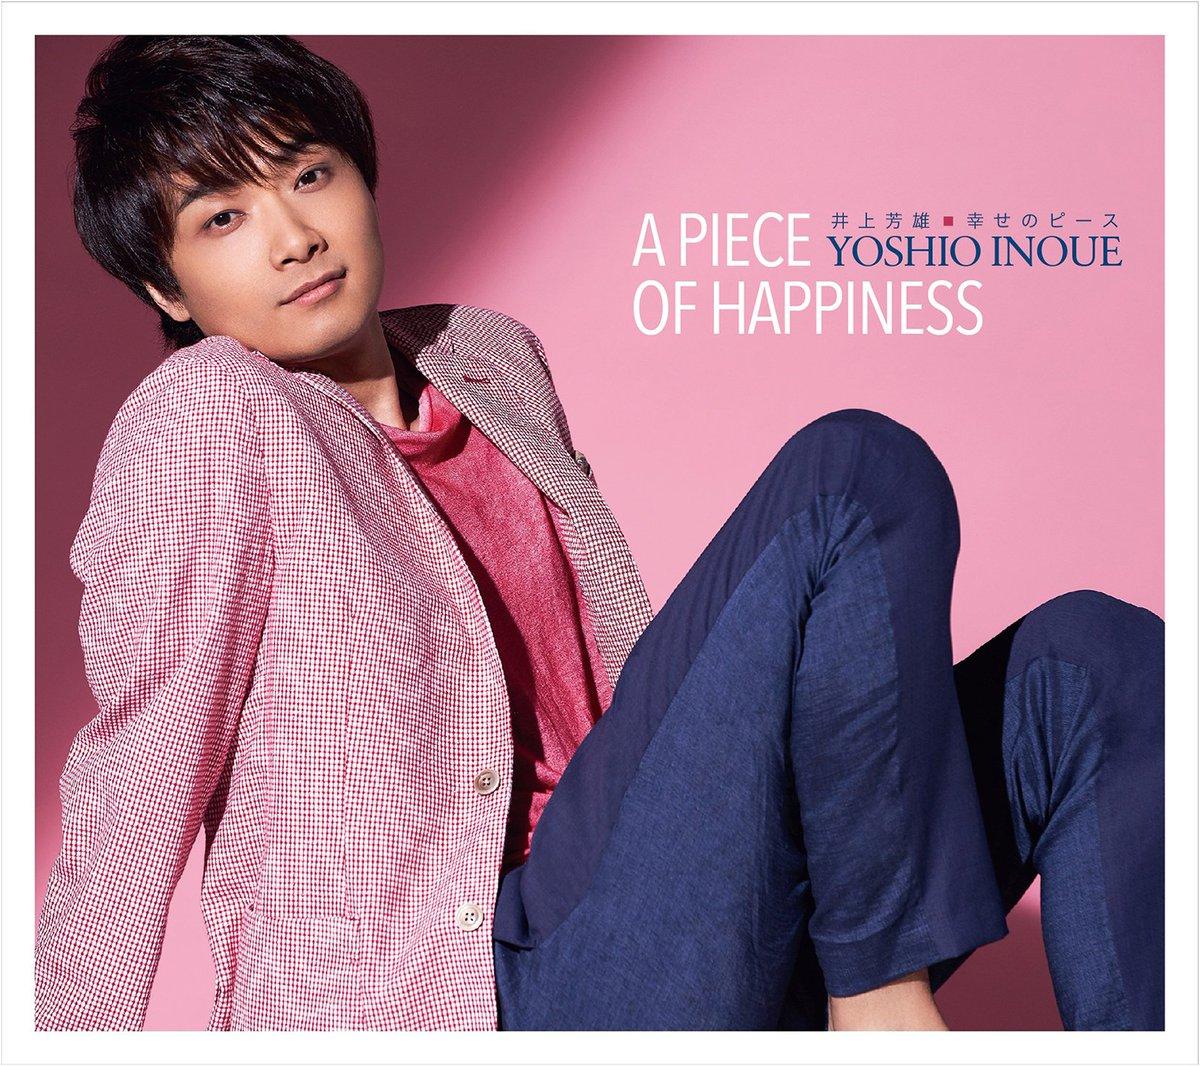 幸せのピースに関する画像4